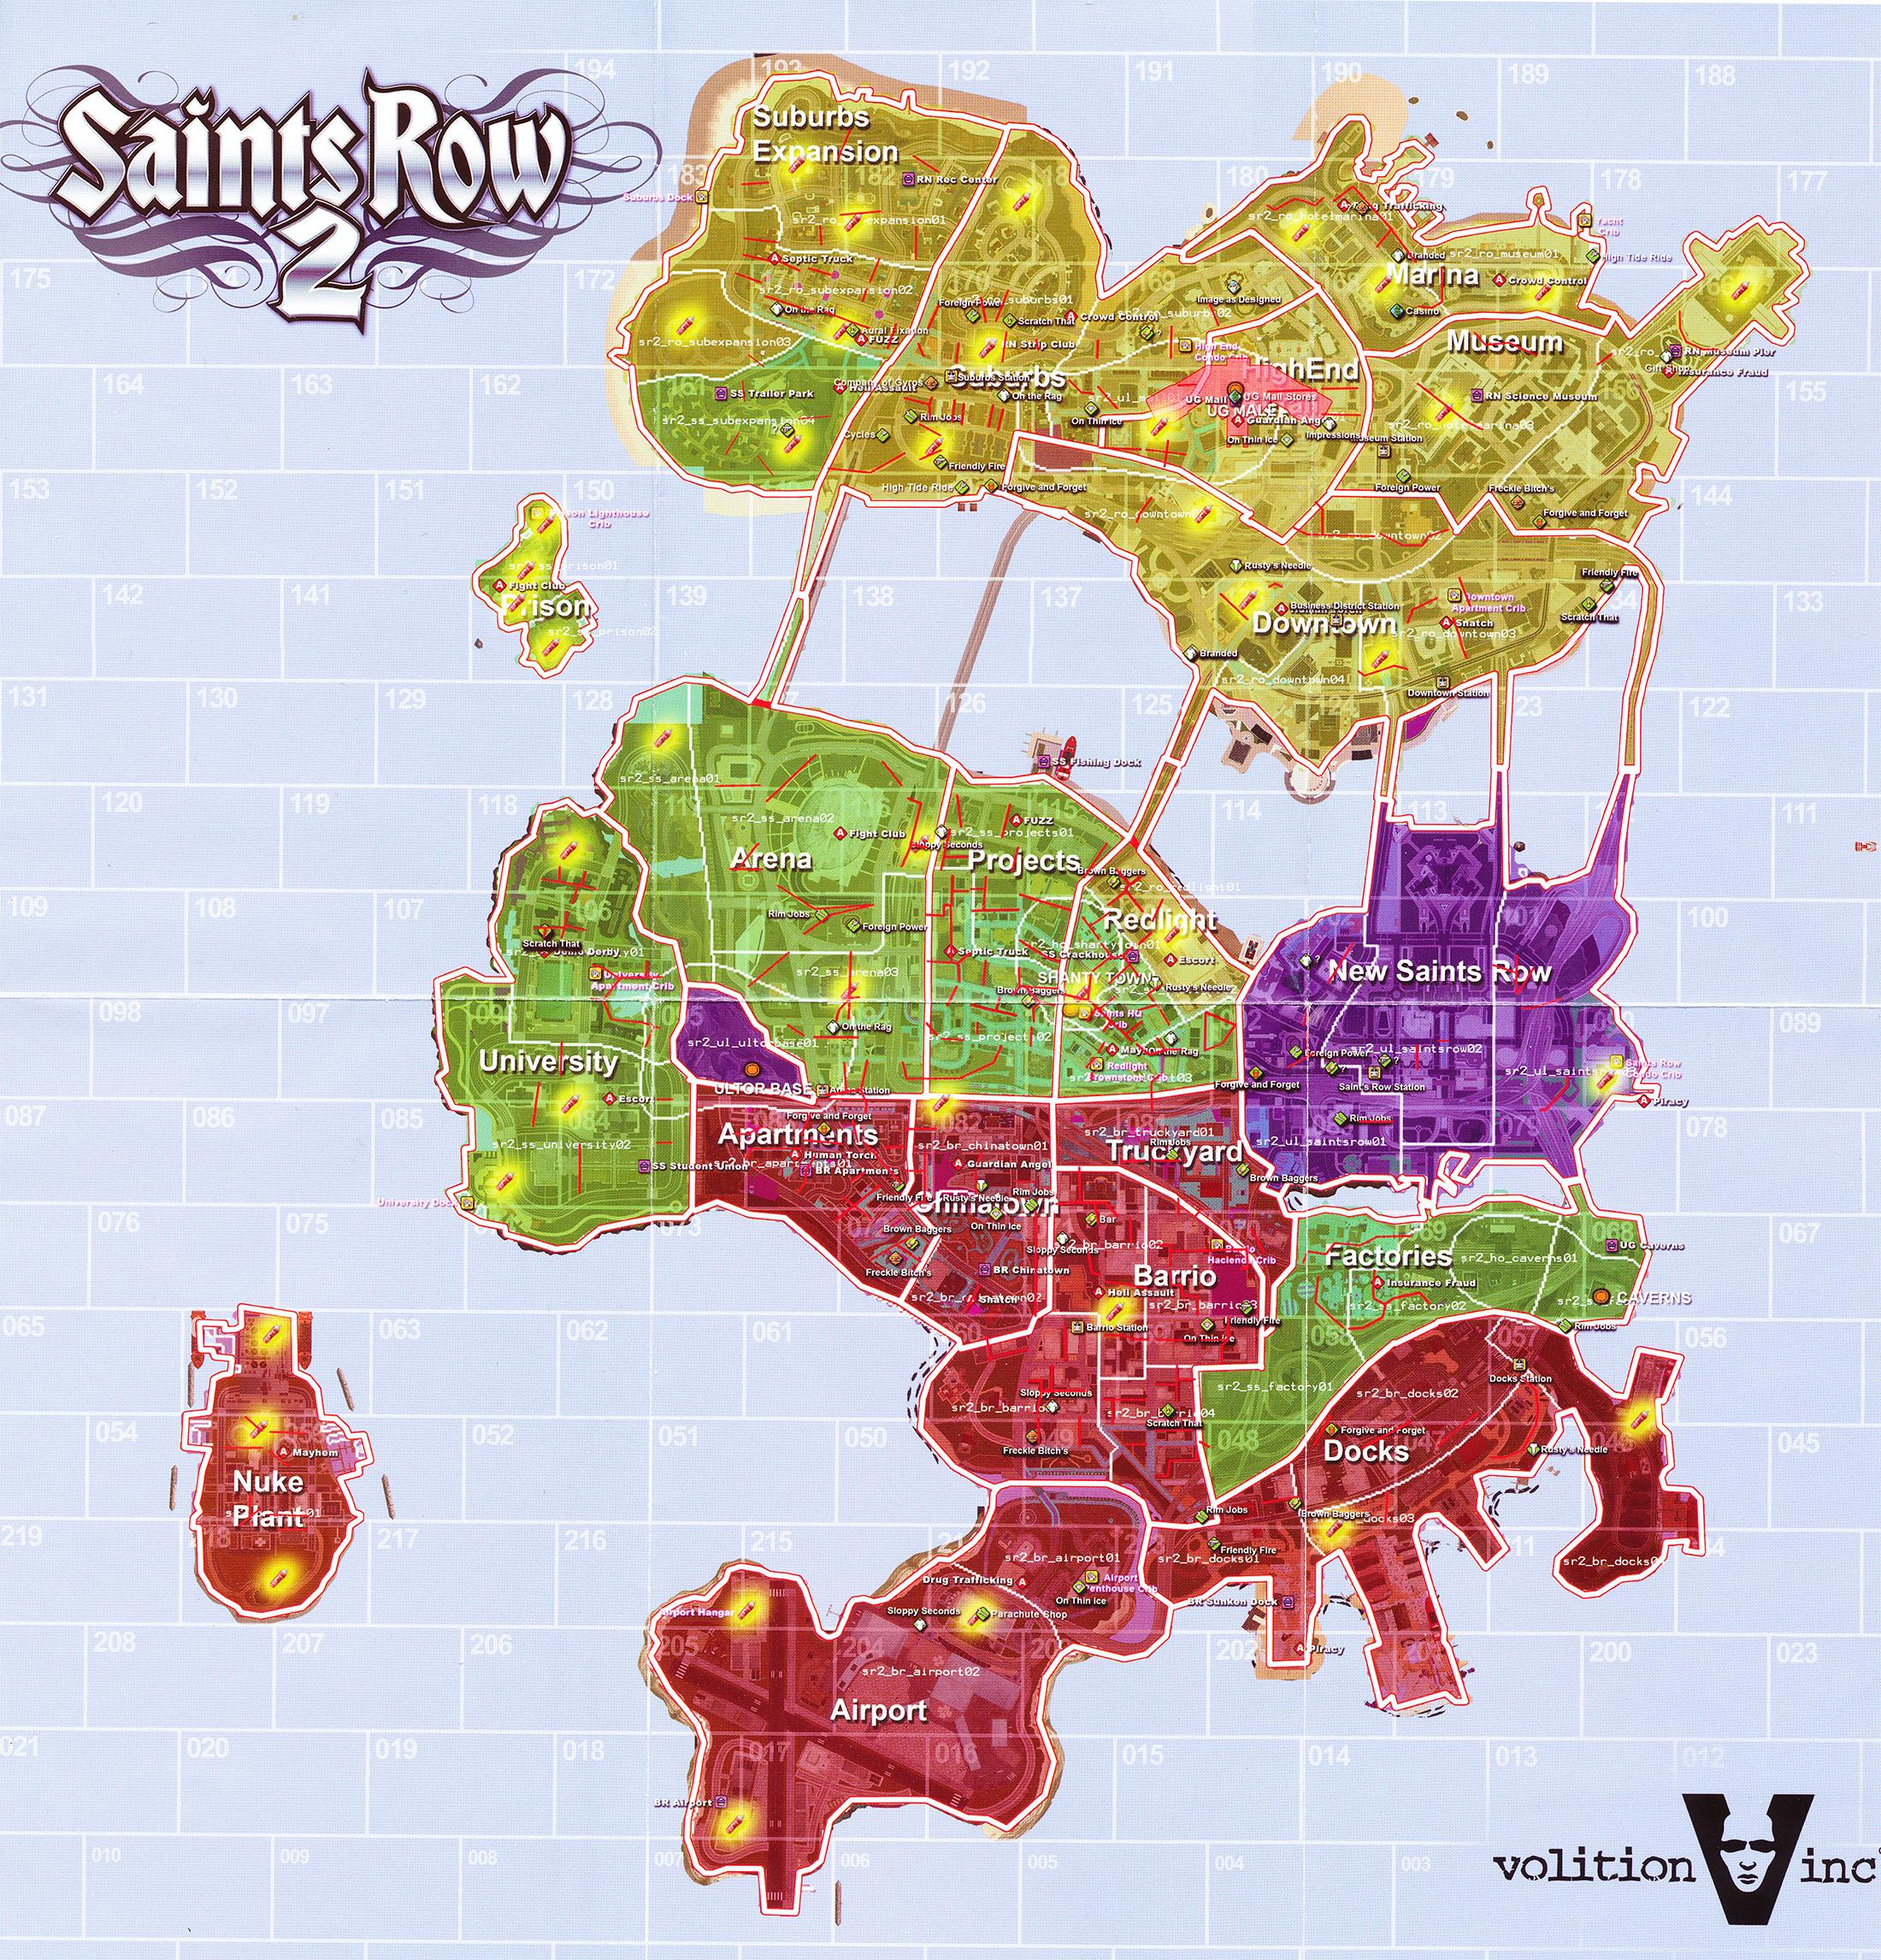 Saints Row 2 Map Forum:Saints Row 2 Stilwater beta map | Saints Row Wiki | FANDOM